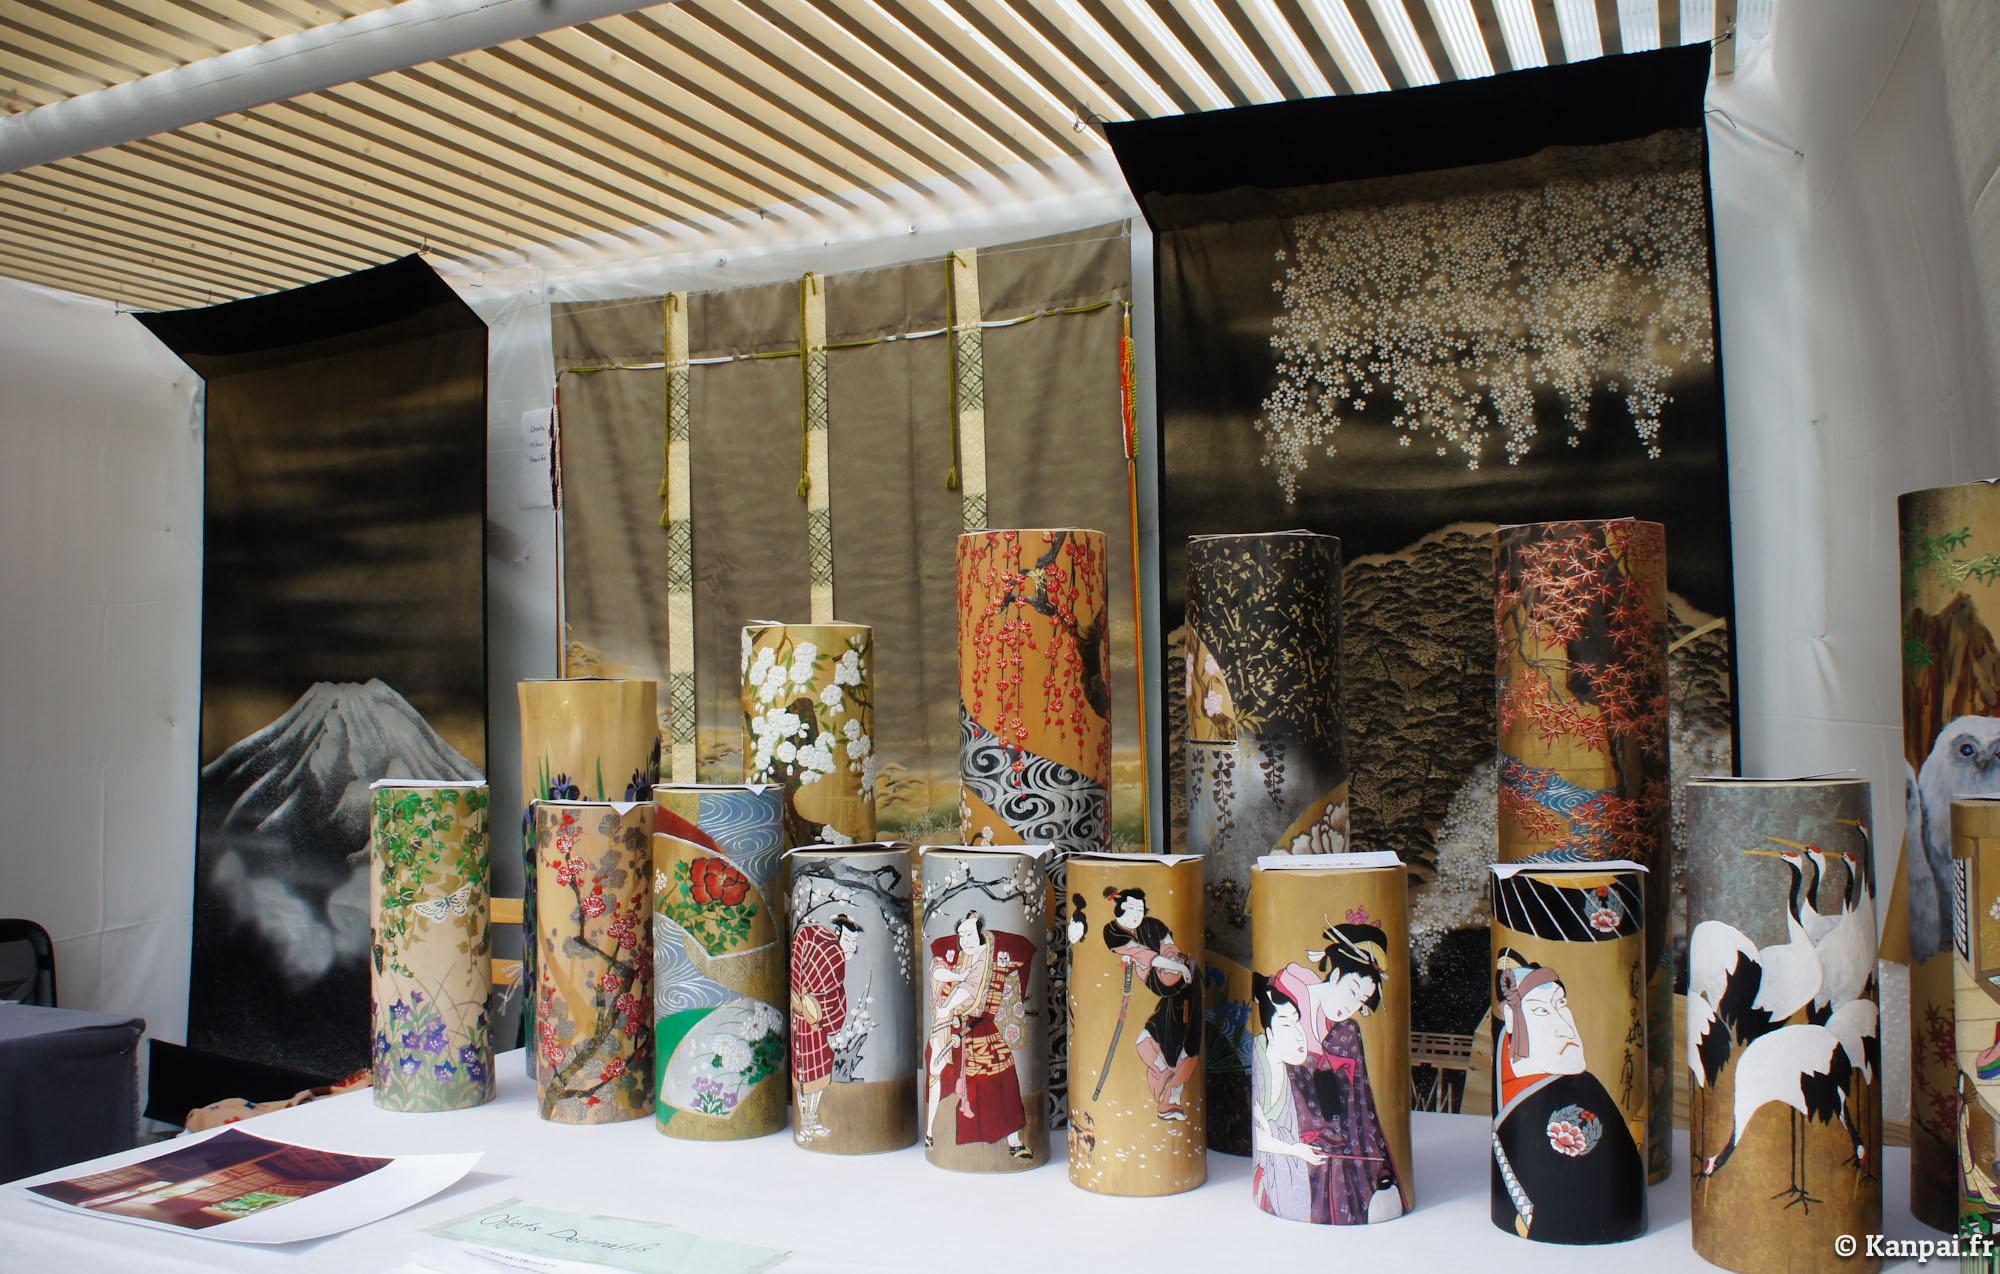 Le japon au jardin d 39 acclimatation for Au jardin d acclimatation